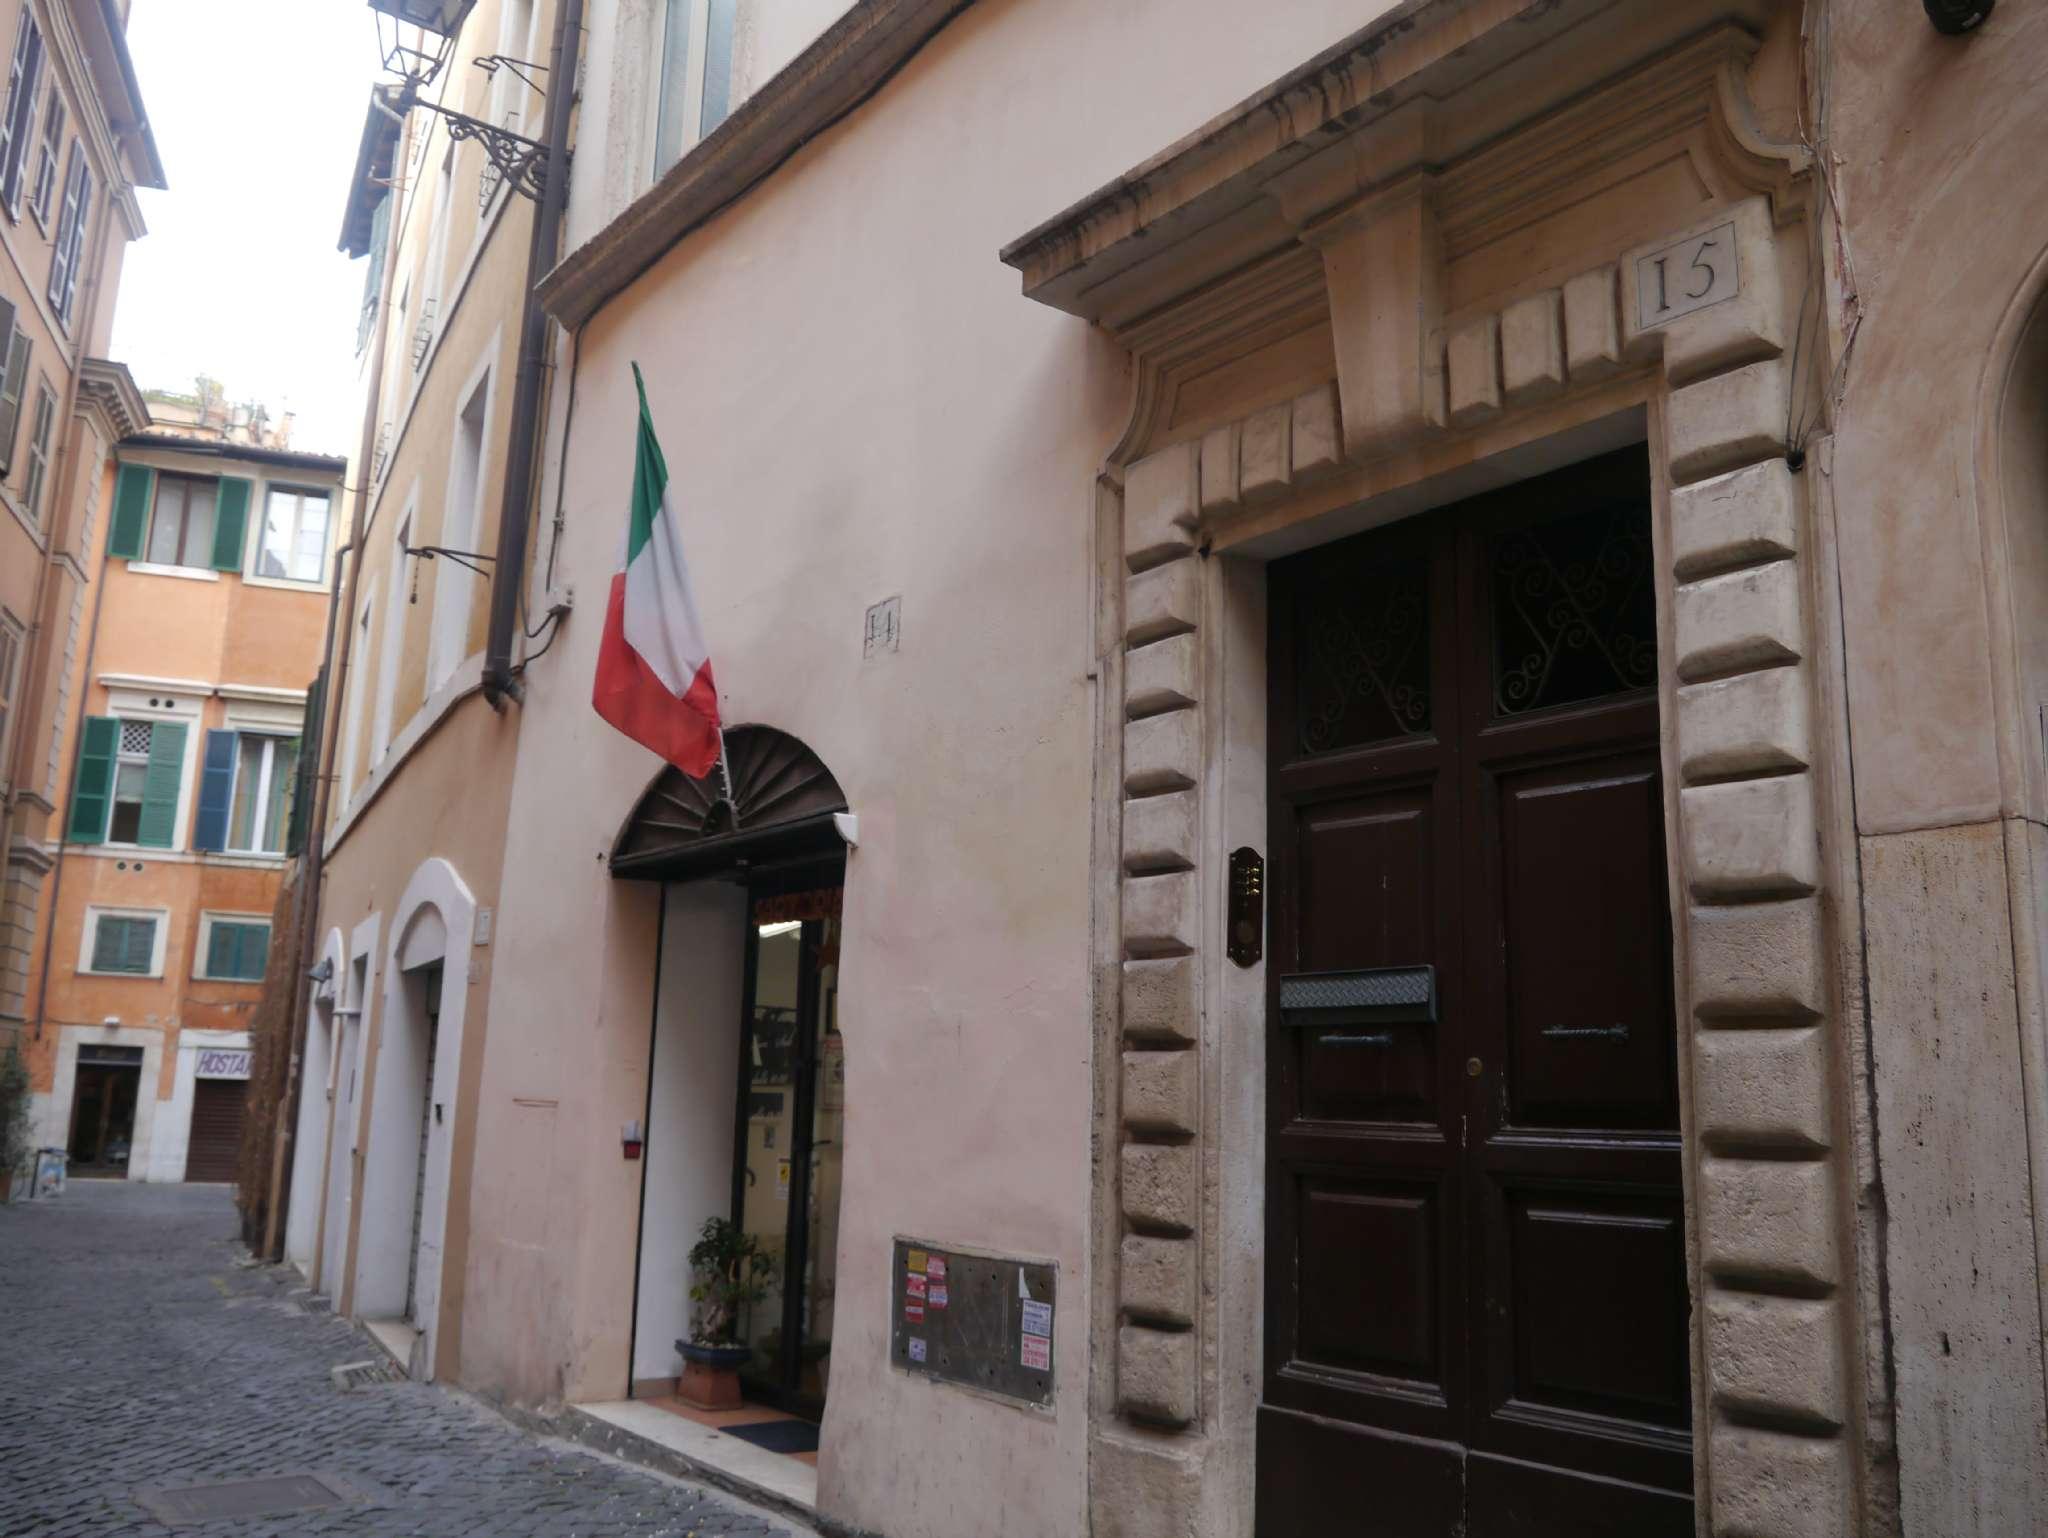 Magazzino in affitto a Roma, 2 locali, zona Zona: 1 . Centro storico, prezzo € 700 | CambioCasa.it